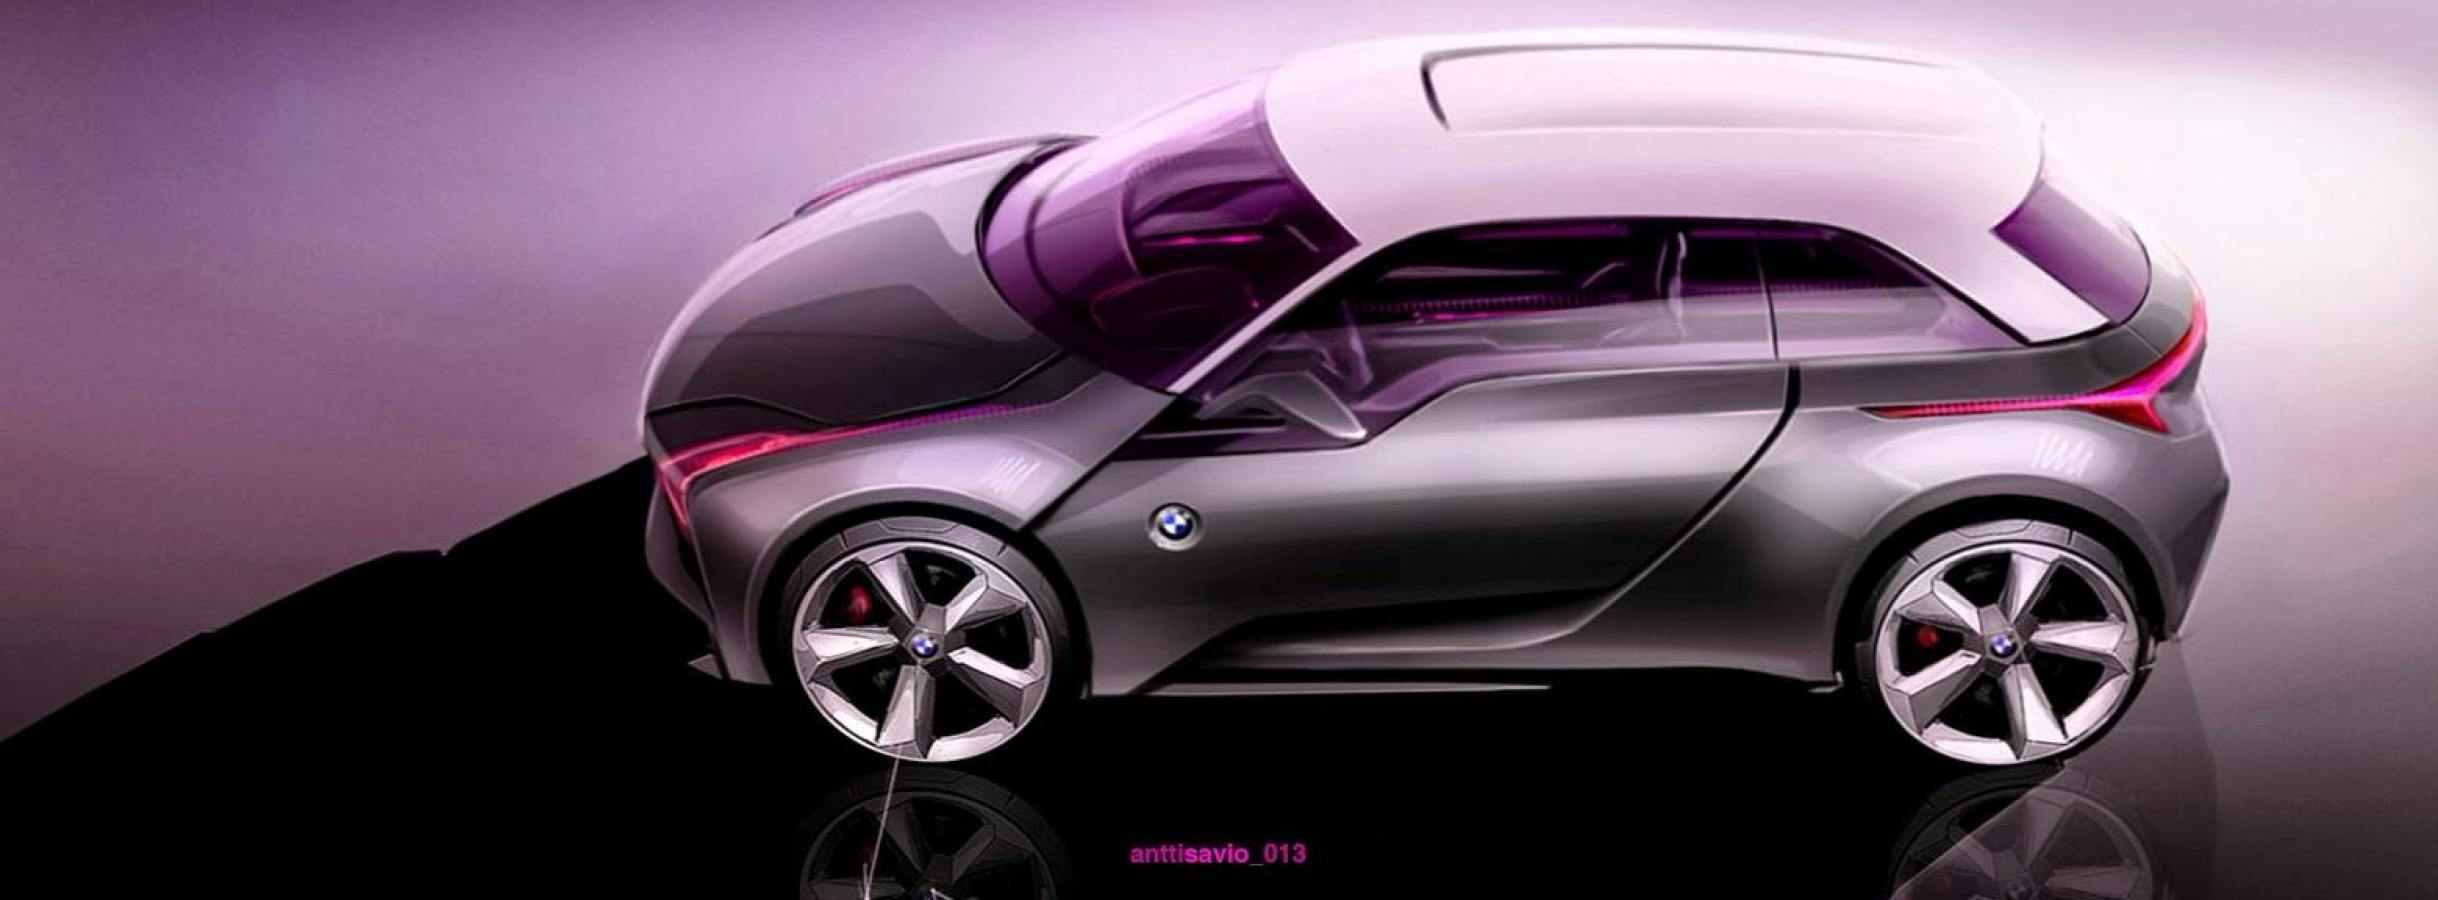 Club BMW i1